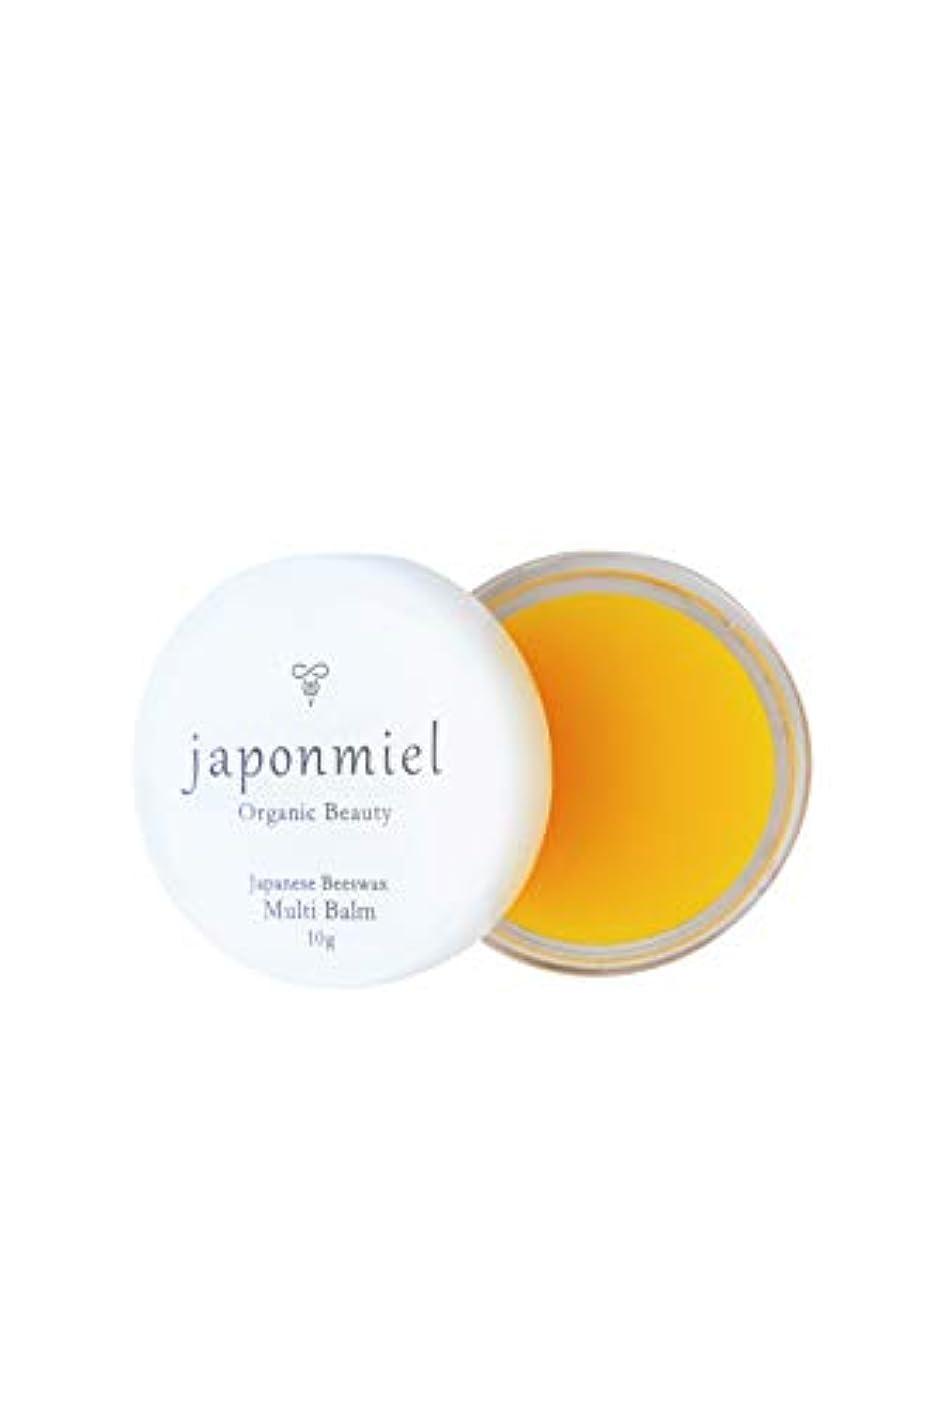 受けるシャックル骨折japonmiel オーガニック マルチバーム 10g (日本ミツバチ ミツロウ 配合 100%自然由来)